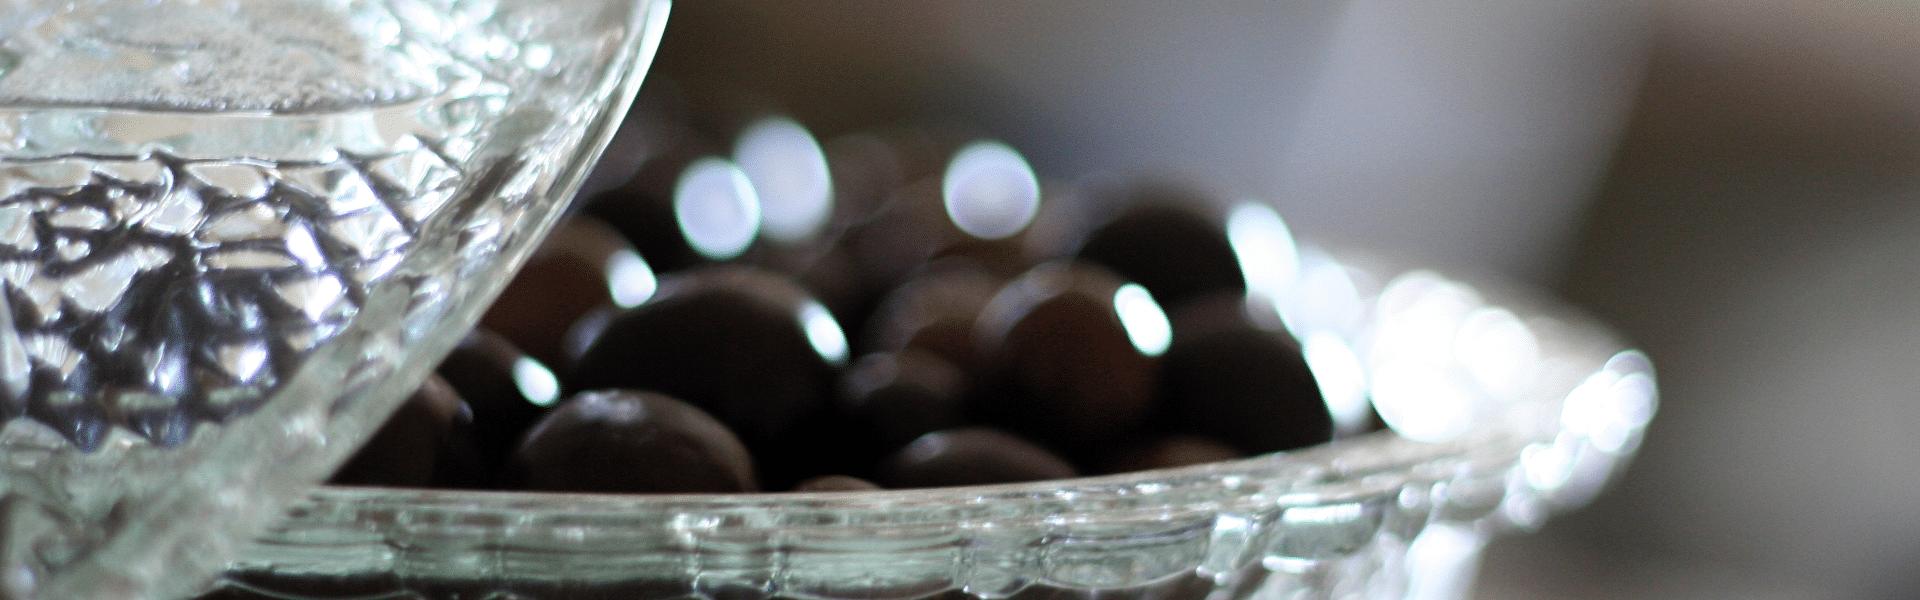 bomboniere de vidro